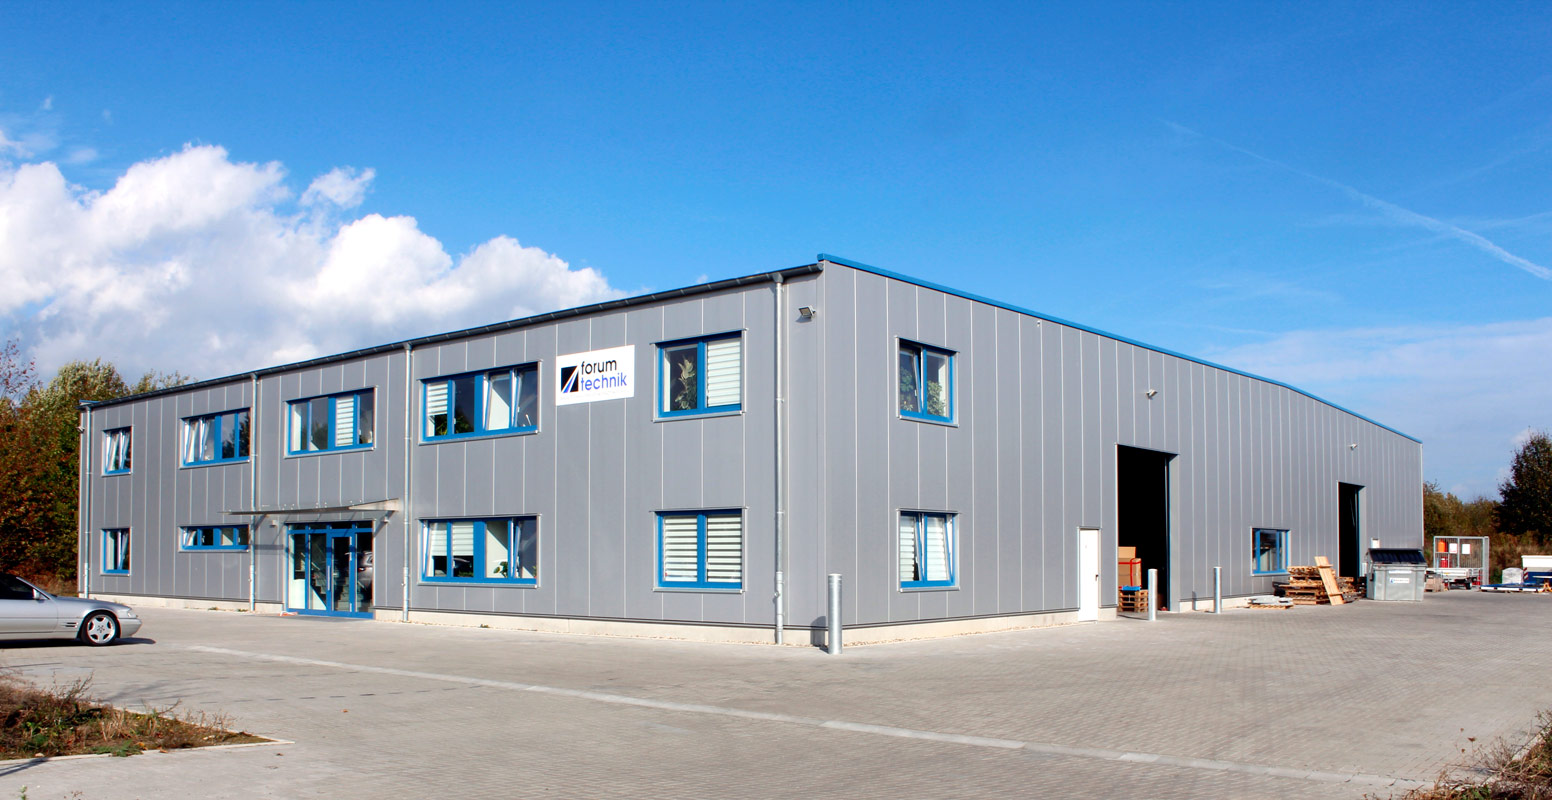 Forum Technik Produktionsstätte in Pattensen